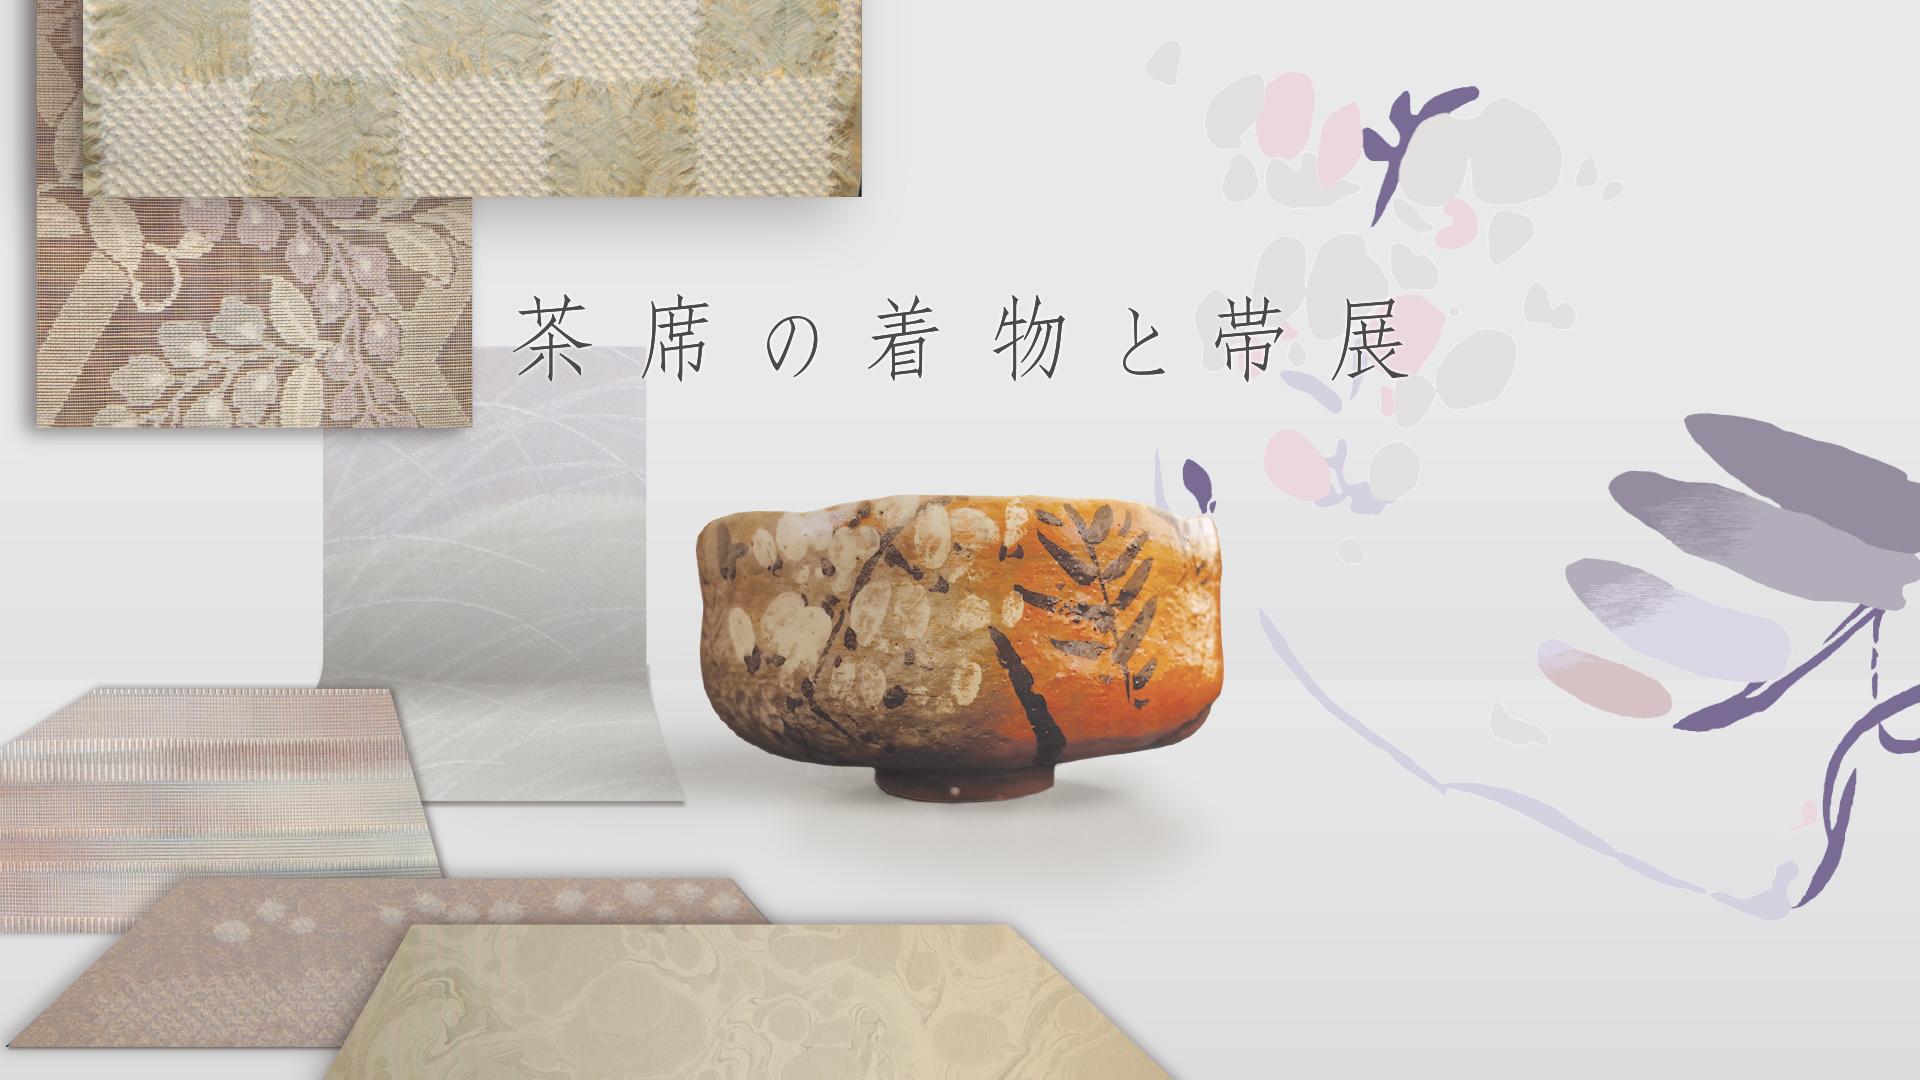 茶席の着物と帯展